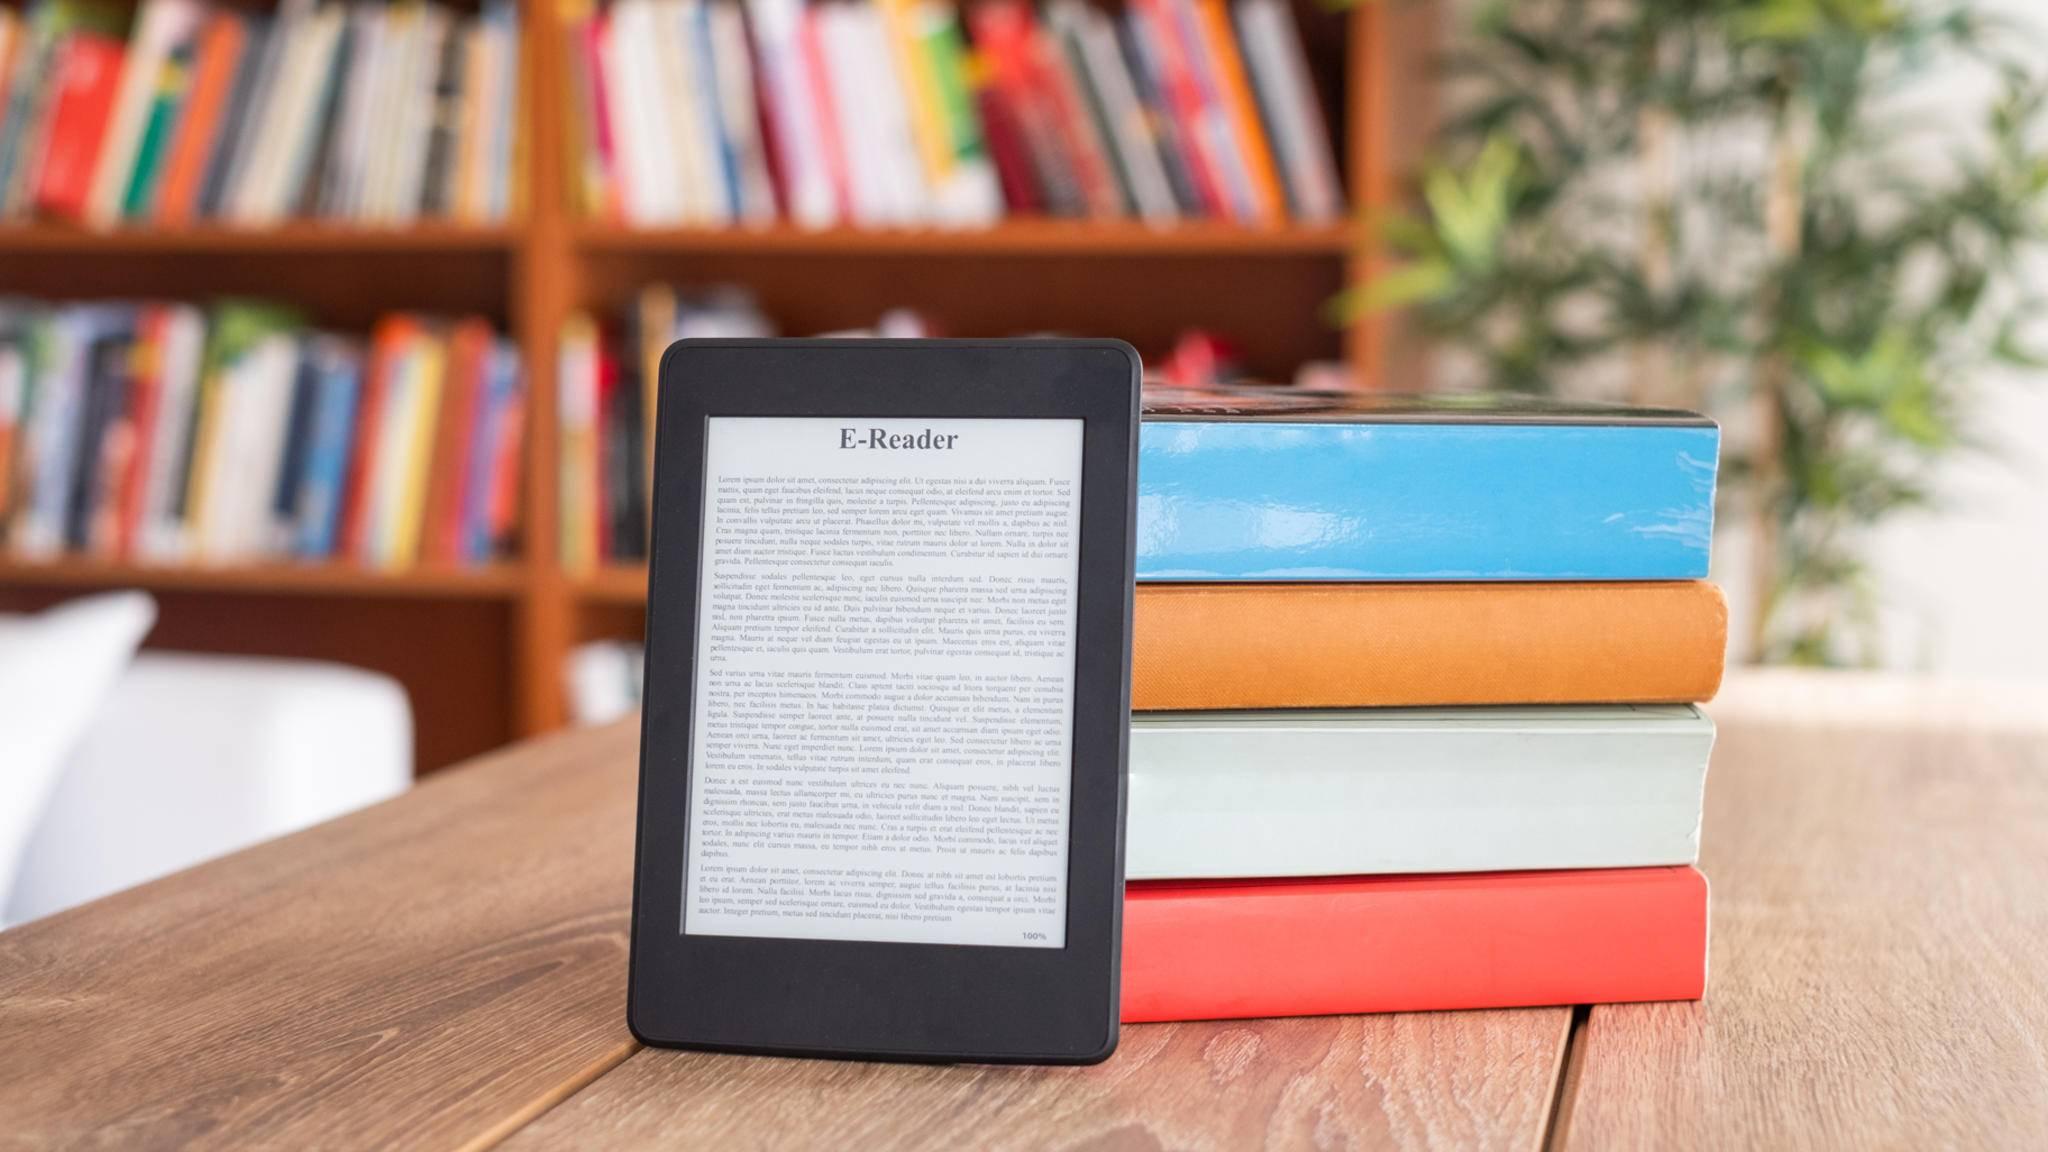 e-book tisch bibliothek bücherei